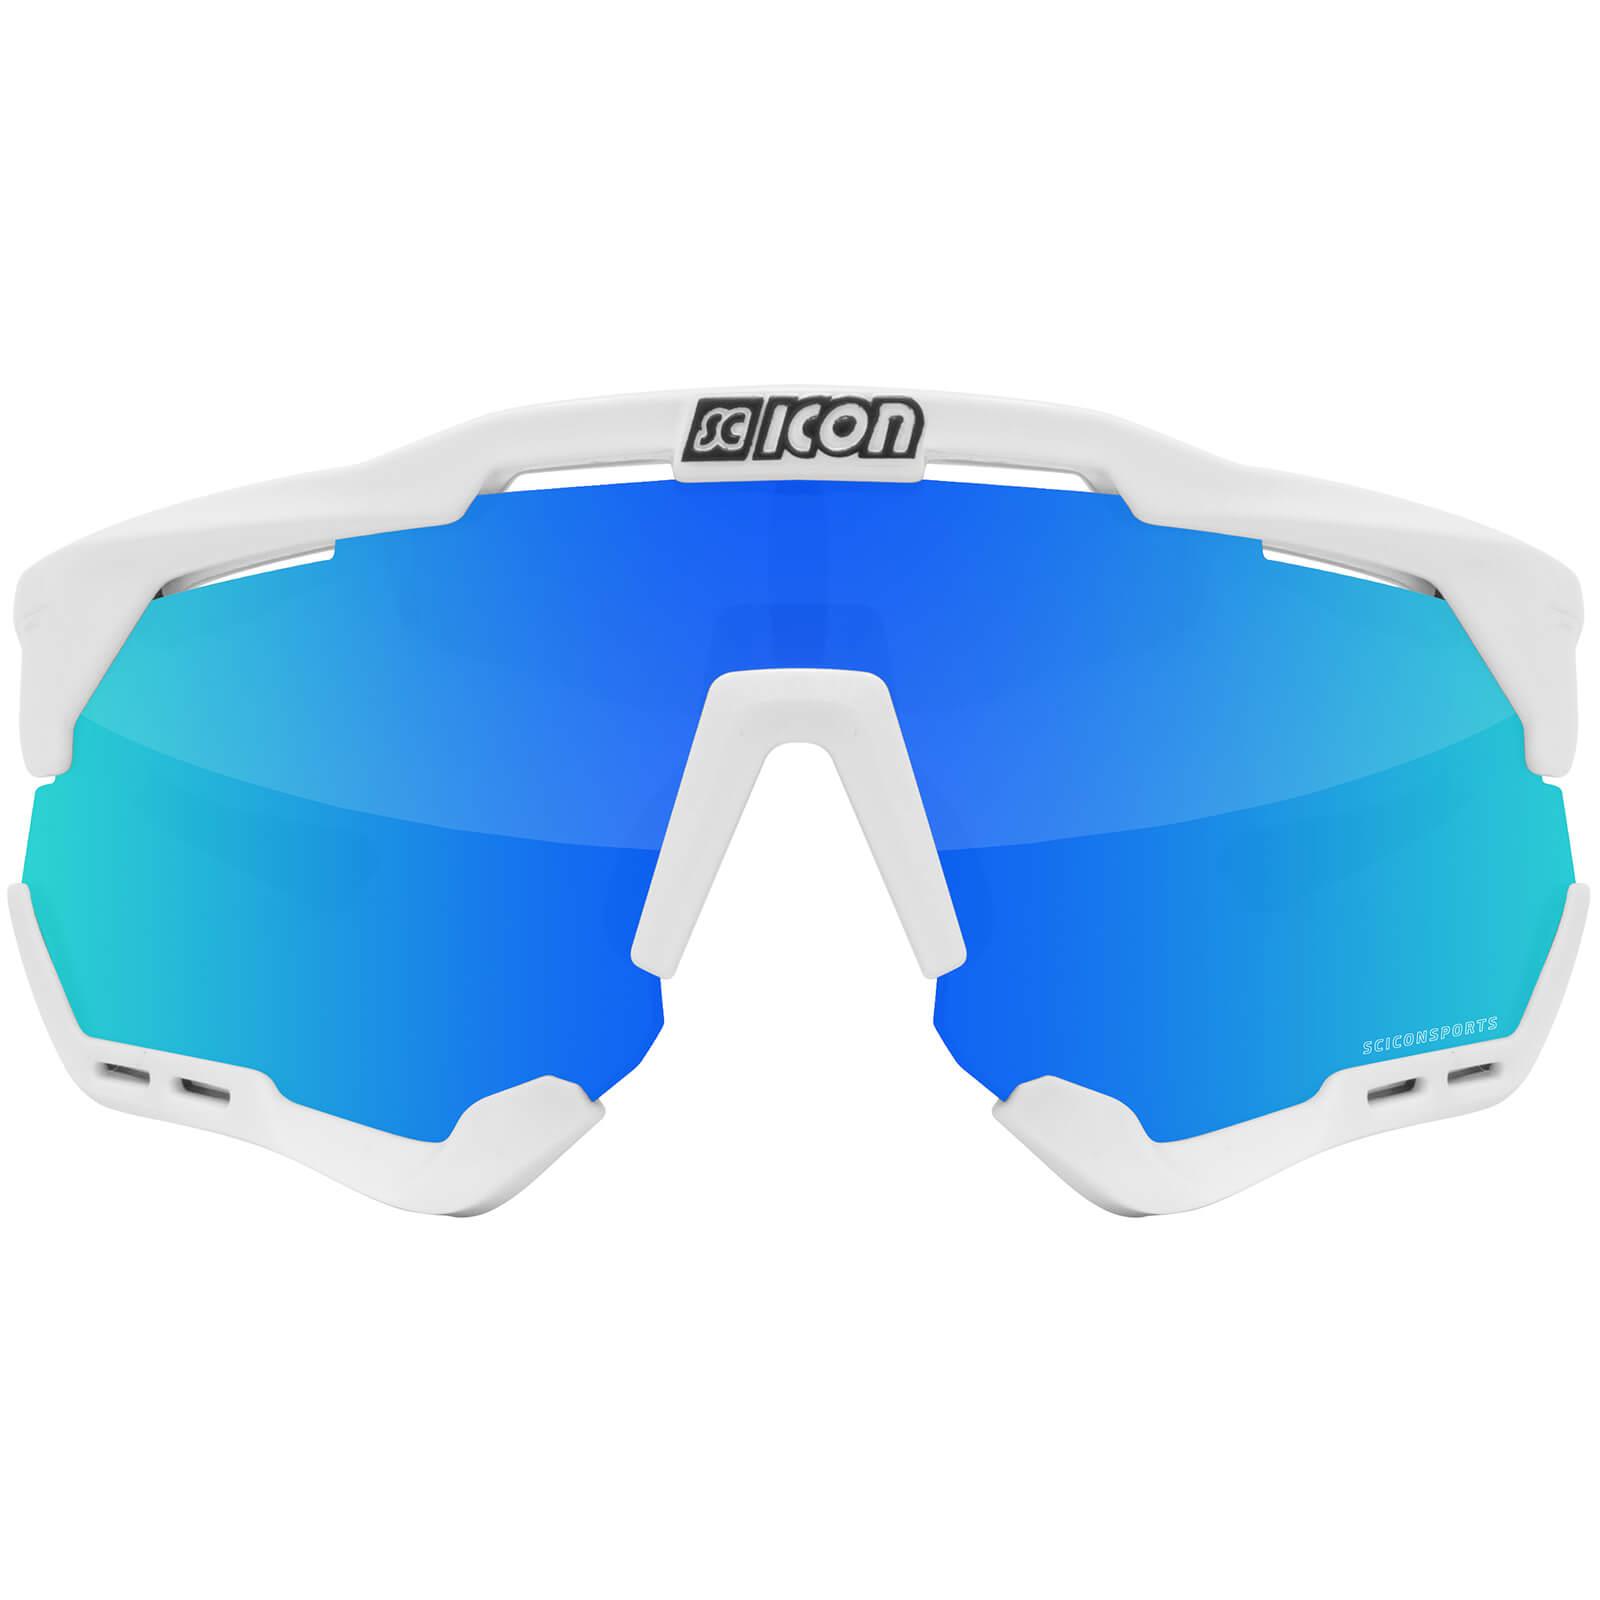 Scicon Aeroshade XL Road Sunglasses - White Gloss - Multimirror Blue